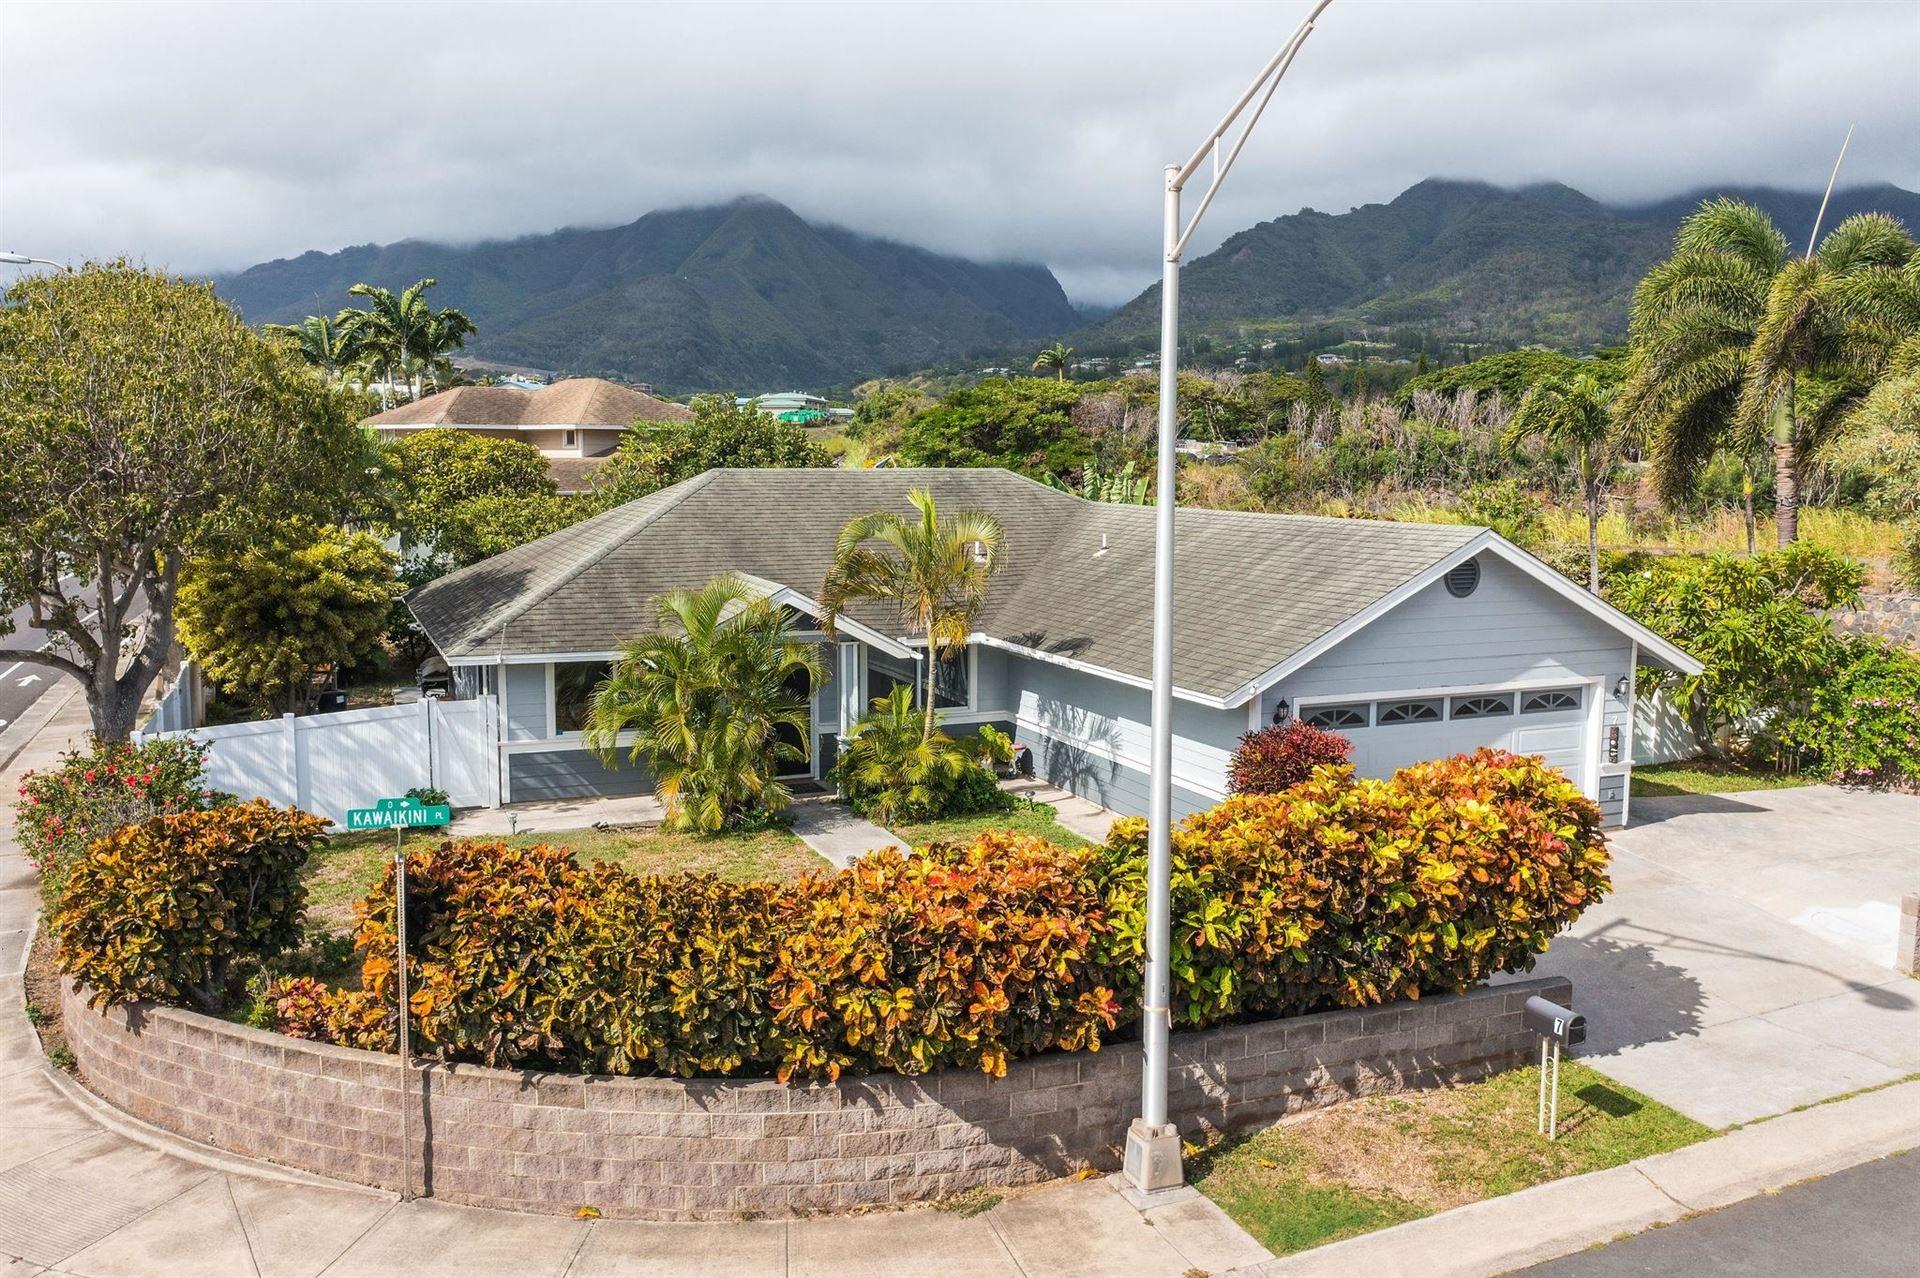 Photo of 7 Kawaikini Pl, Wailuku, HI 96793 (MLS # 393109)